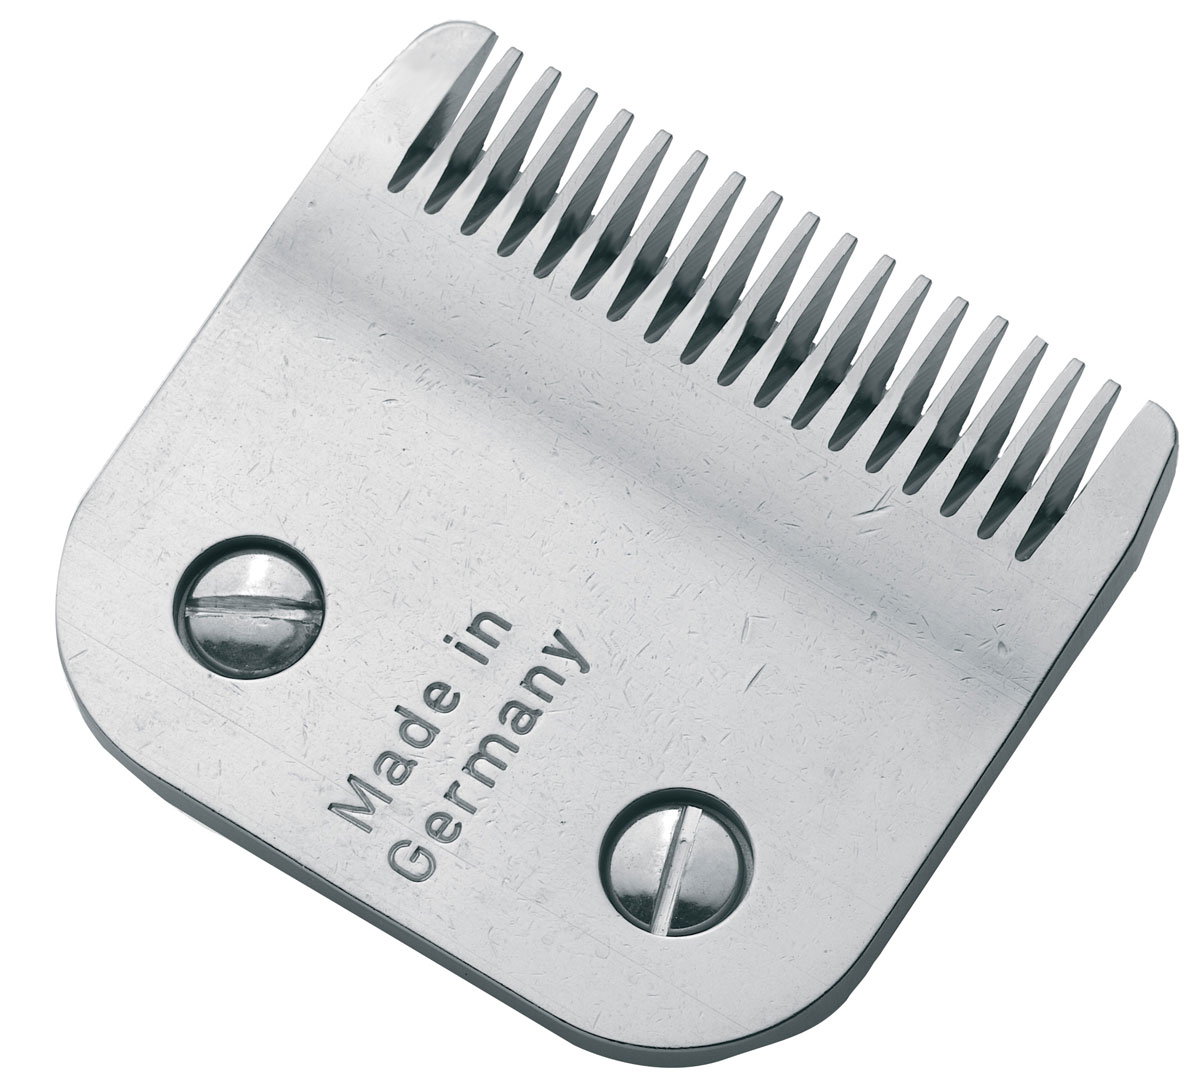 Moser Нож, 3 мм1245-7931Moser 1245-7931/7350 Нож для машинки - Нож сменный для машинки Moser 1245, 3 мм 8.5 F. Профессиональный быстросъемный ножевой блок из высококачественной стали, изготовленный в Германии с использованием технологии высокоточной шлифовки. Высота среза - 3 мм Ширина - 49 мм Подходит для моделей Moser 1250/ 1245 /1247 /1260